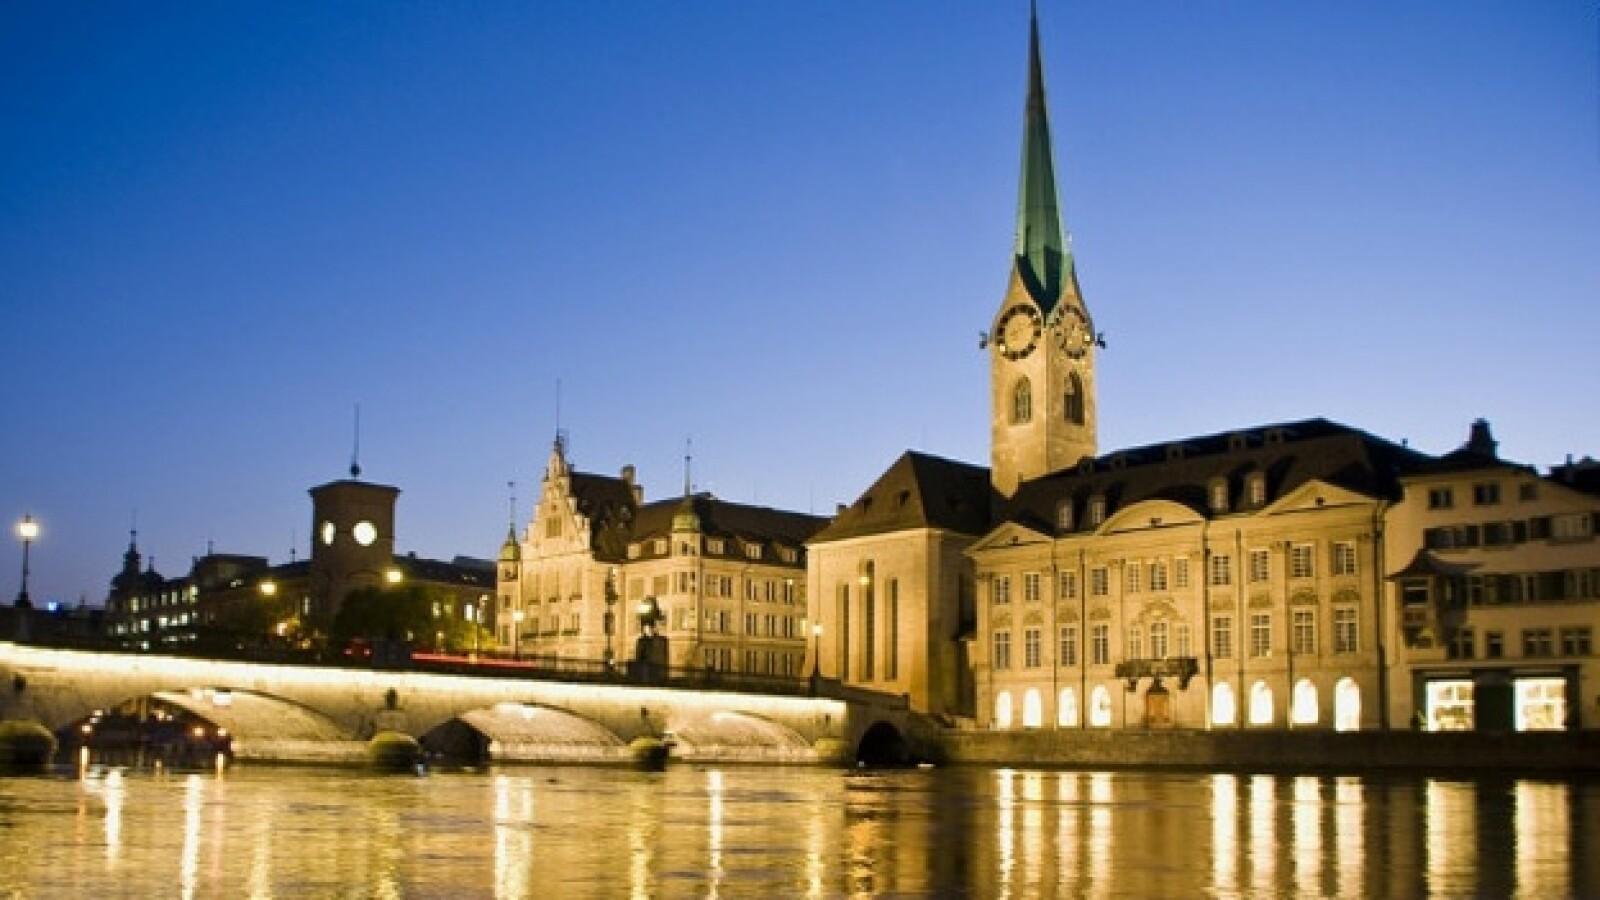 zúrich, suiza, viaje, escala, visita, tren, ciudad, cultura, historia